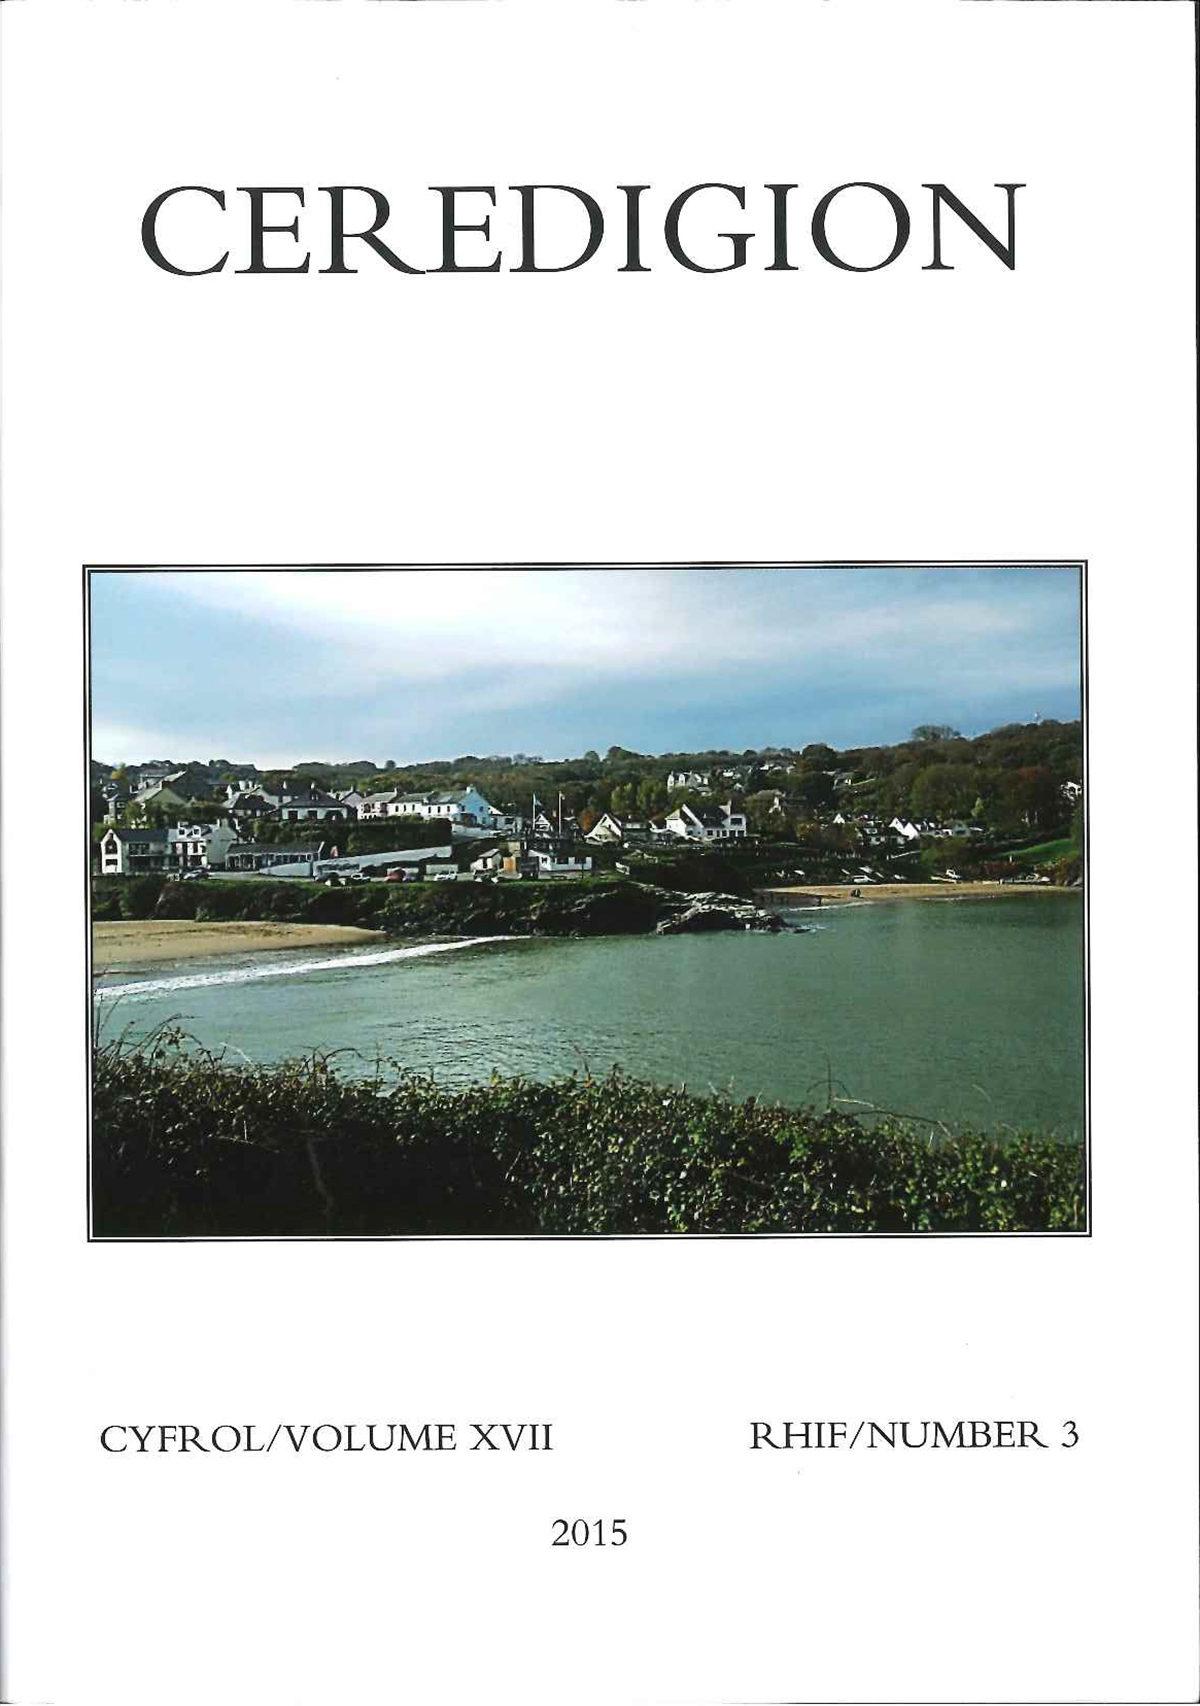 Ceredigion - Cylchgrawn Cymdeithas Hanes Ceredigion, Cyfrol XVII, Rhifyn 3, 2015 - ISBN 0069 2263